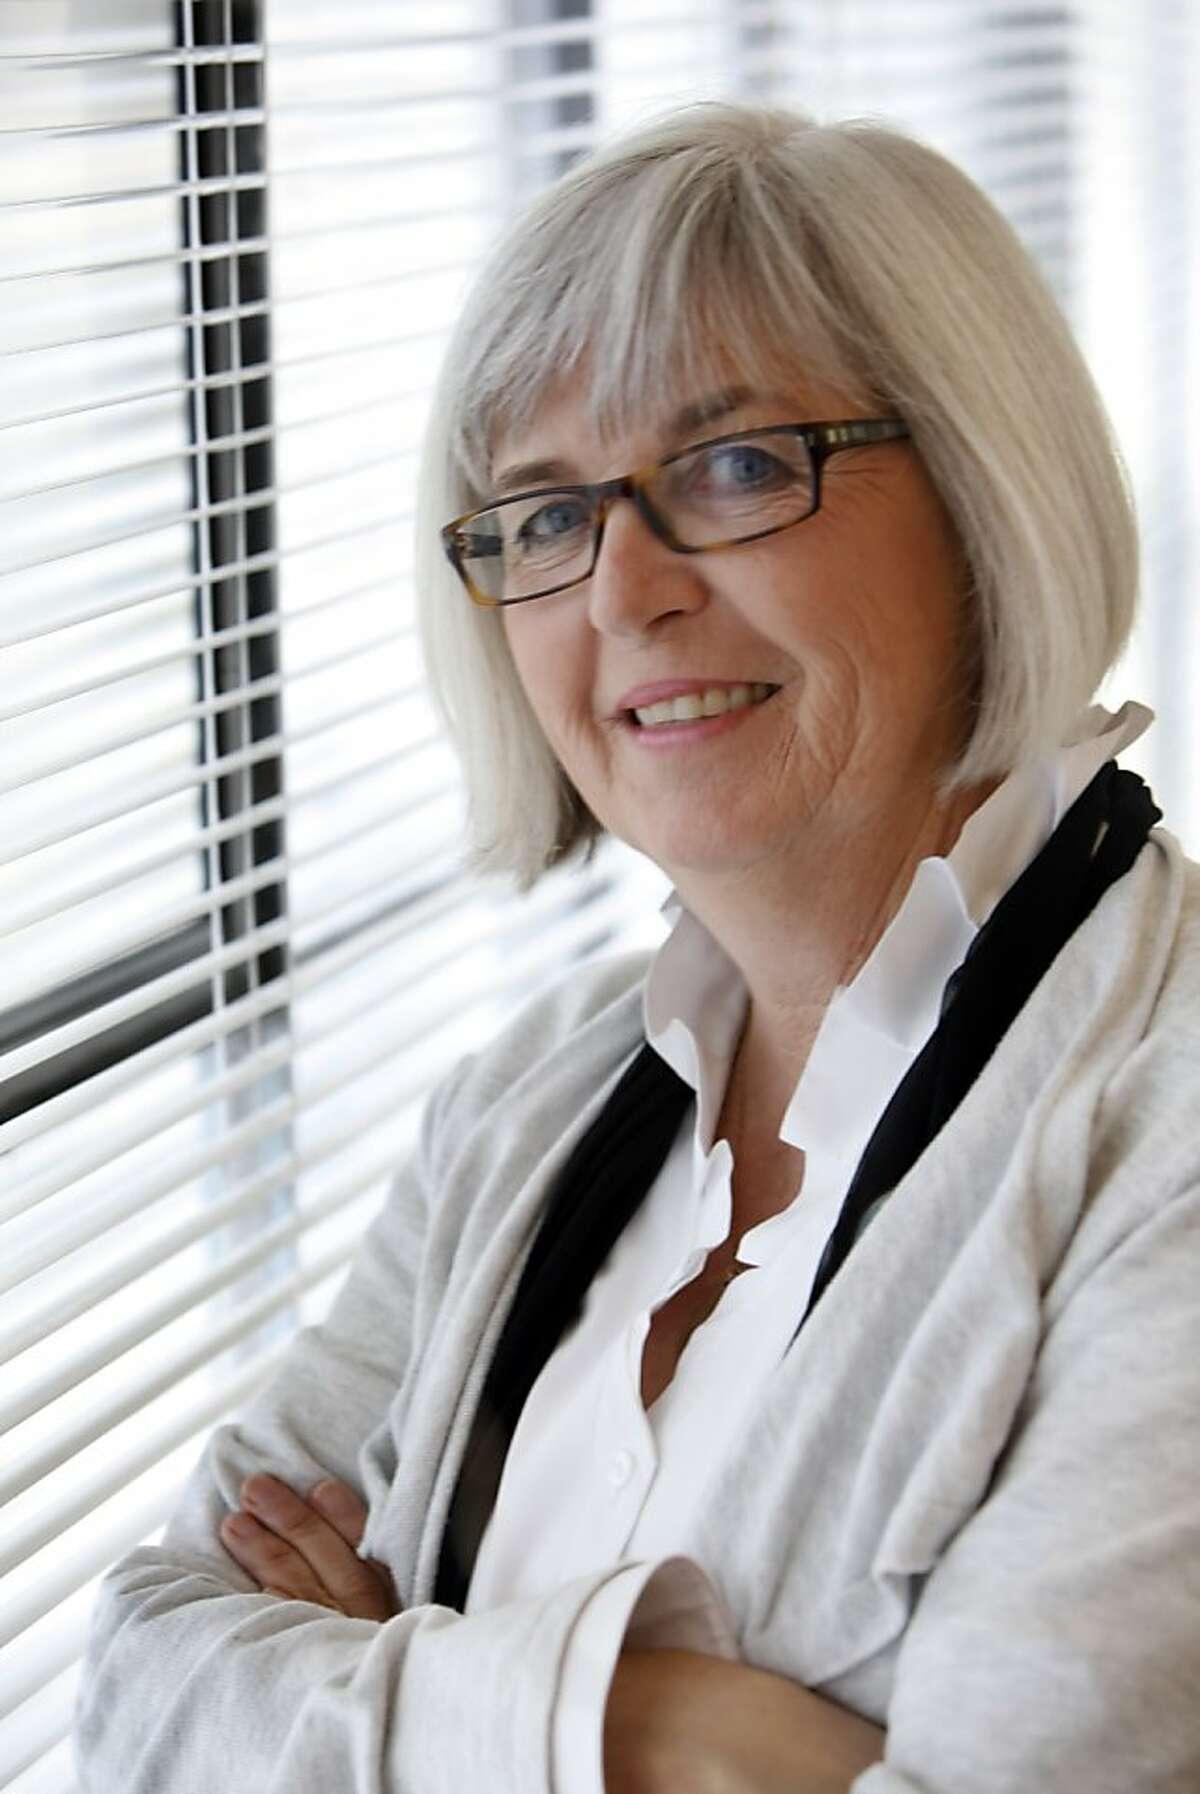 Kathy Black, Executive Director at La Casa de las Madres